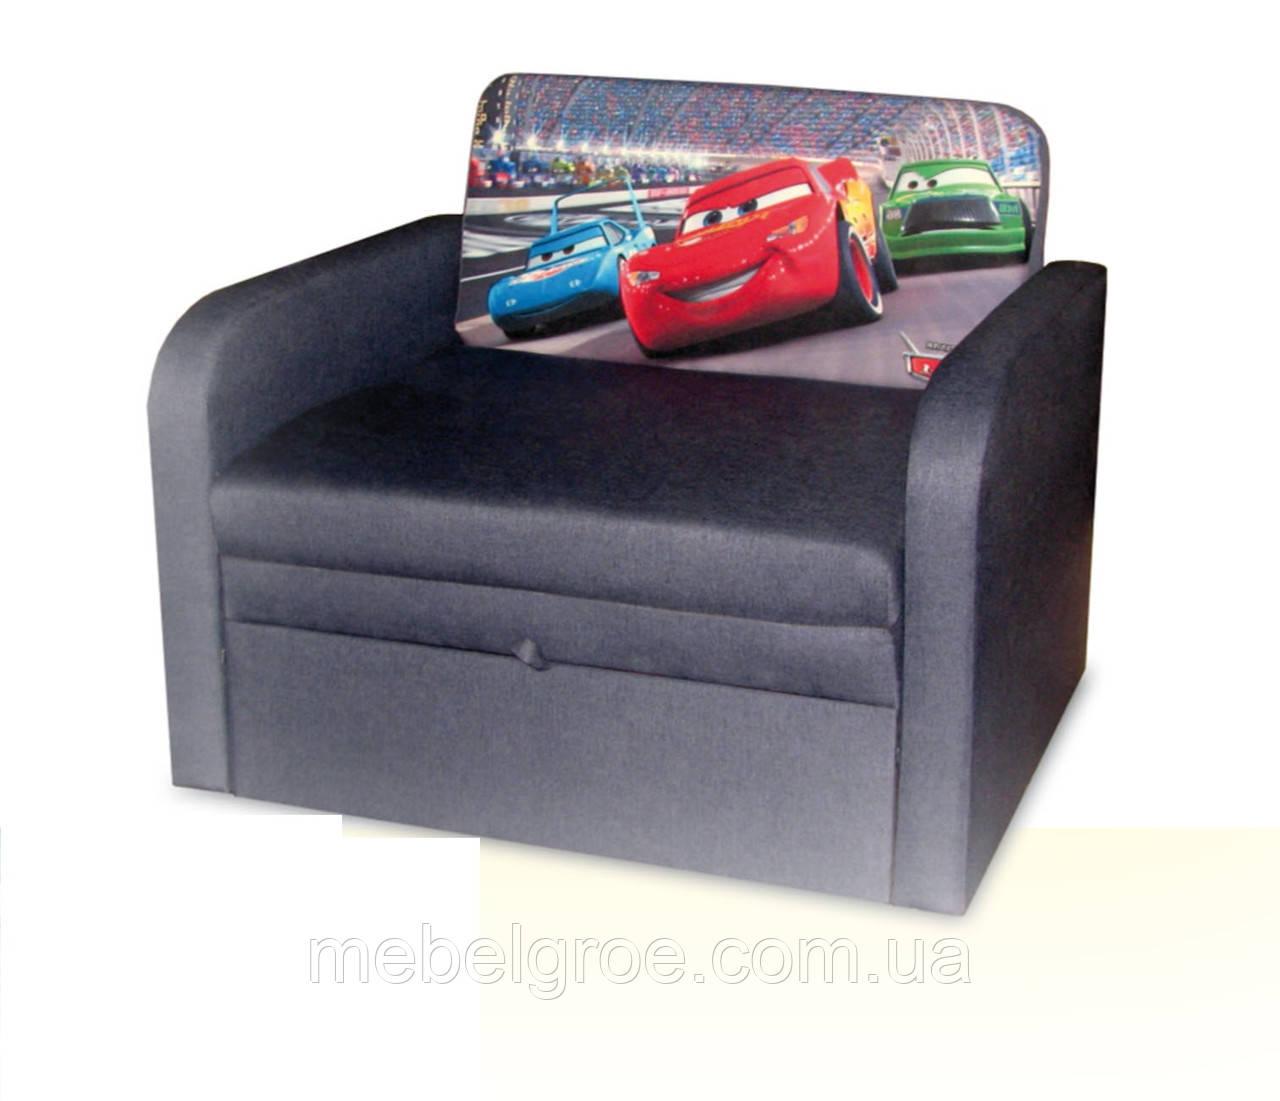 Кресло-кровать Вега-принт (ламель)